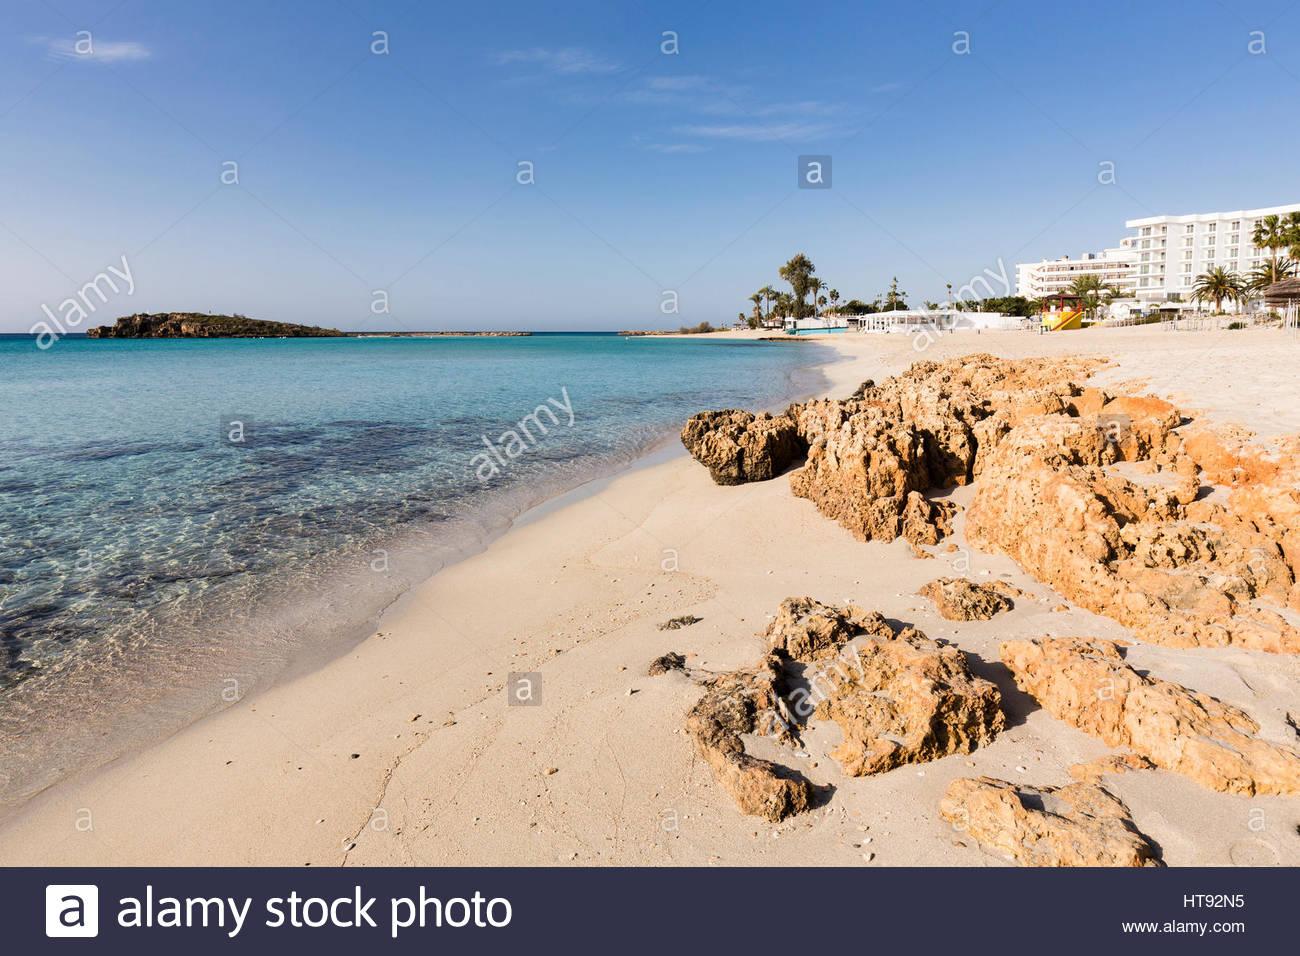 Mittelmeer mit Felsformationen am Nissi Beach im Nissi Beach Resort in Agia Napa in Zypern Stockbild